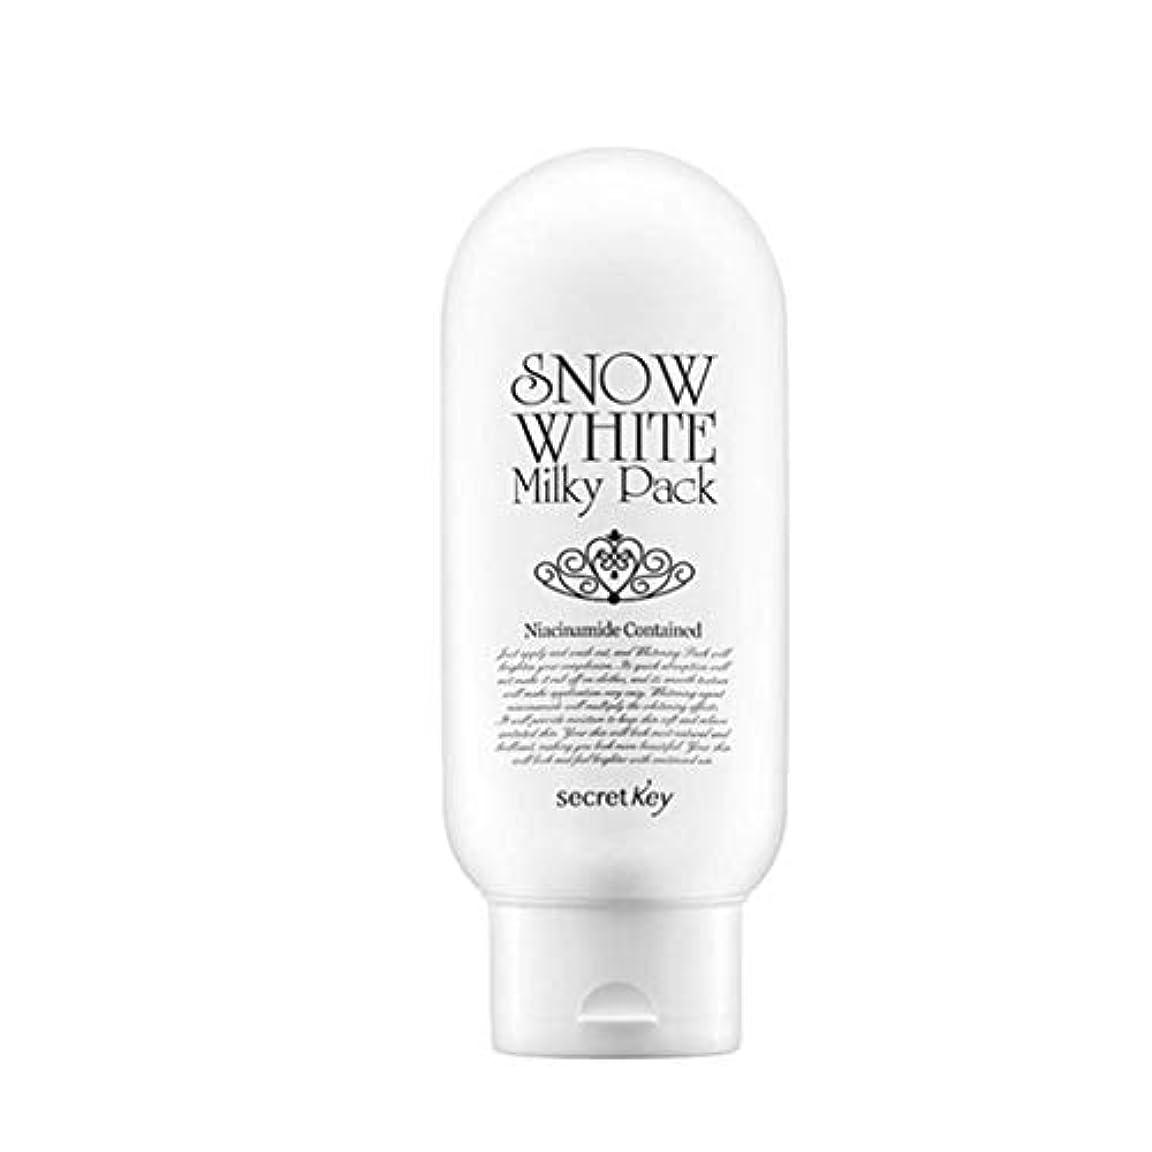 ミスペンド気がついて世界的にシークレットキースノーホワイトミルキーパック200g韓国コスメ、Secret Key Snow White Milky Pack 200g Korean Cosmetics [並行輸入品]